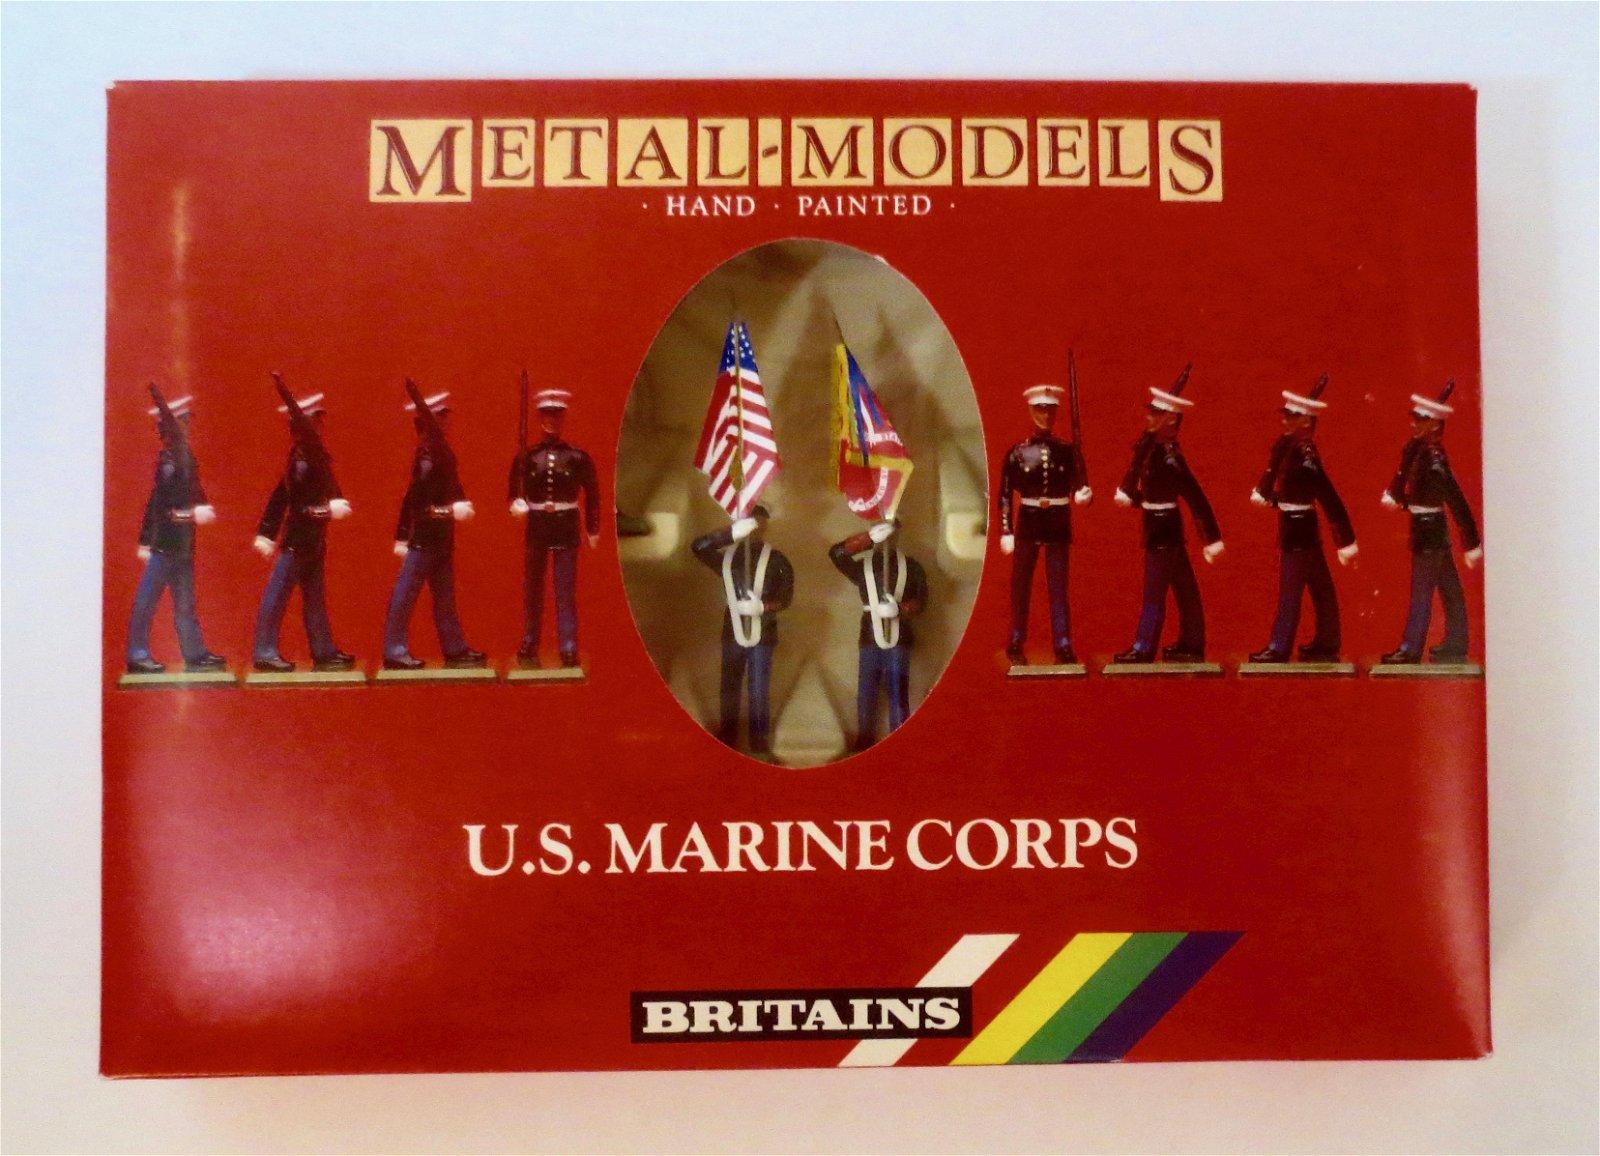 Britains #7303 U.S. Marine Corps